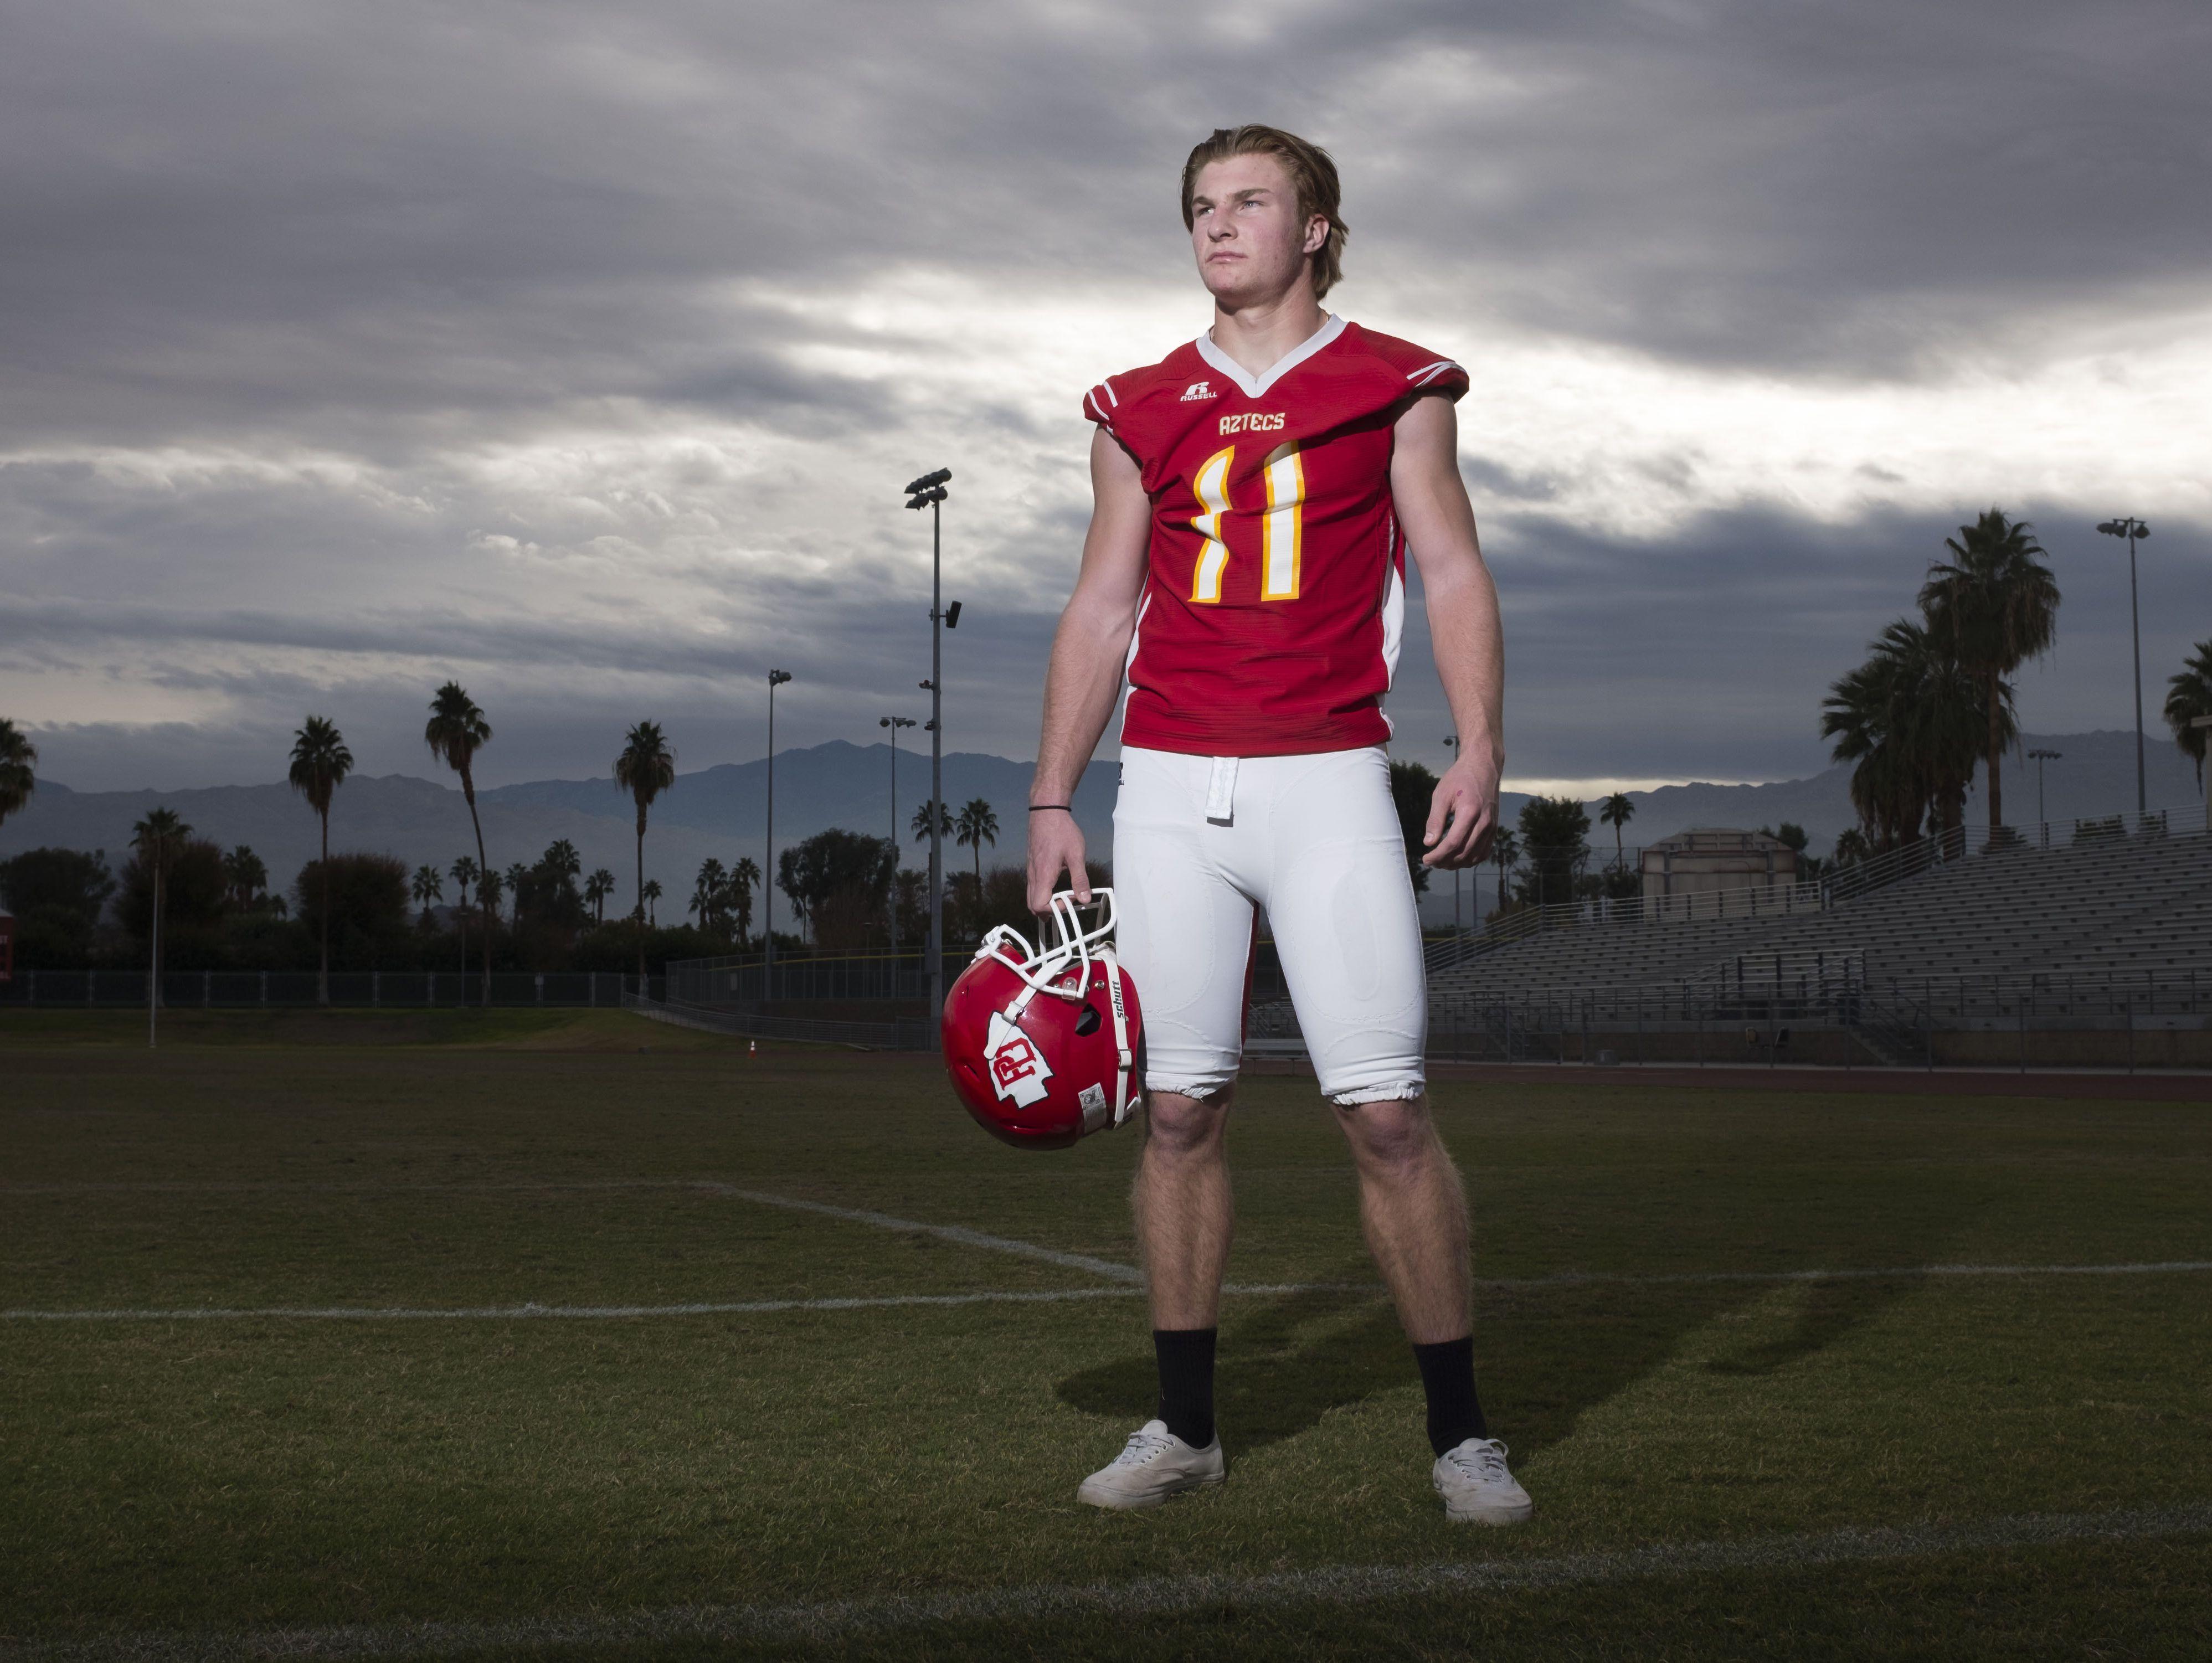 Aztec football player Brooks Stephenson on Thursday, December 15, 2016 in Palm Desert.